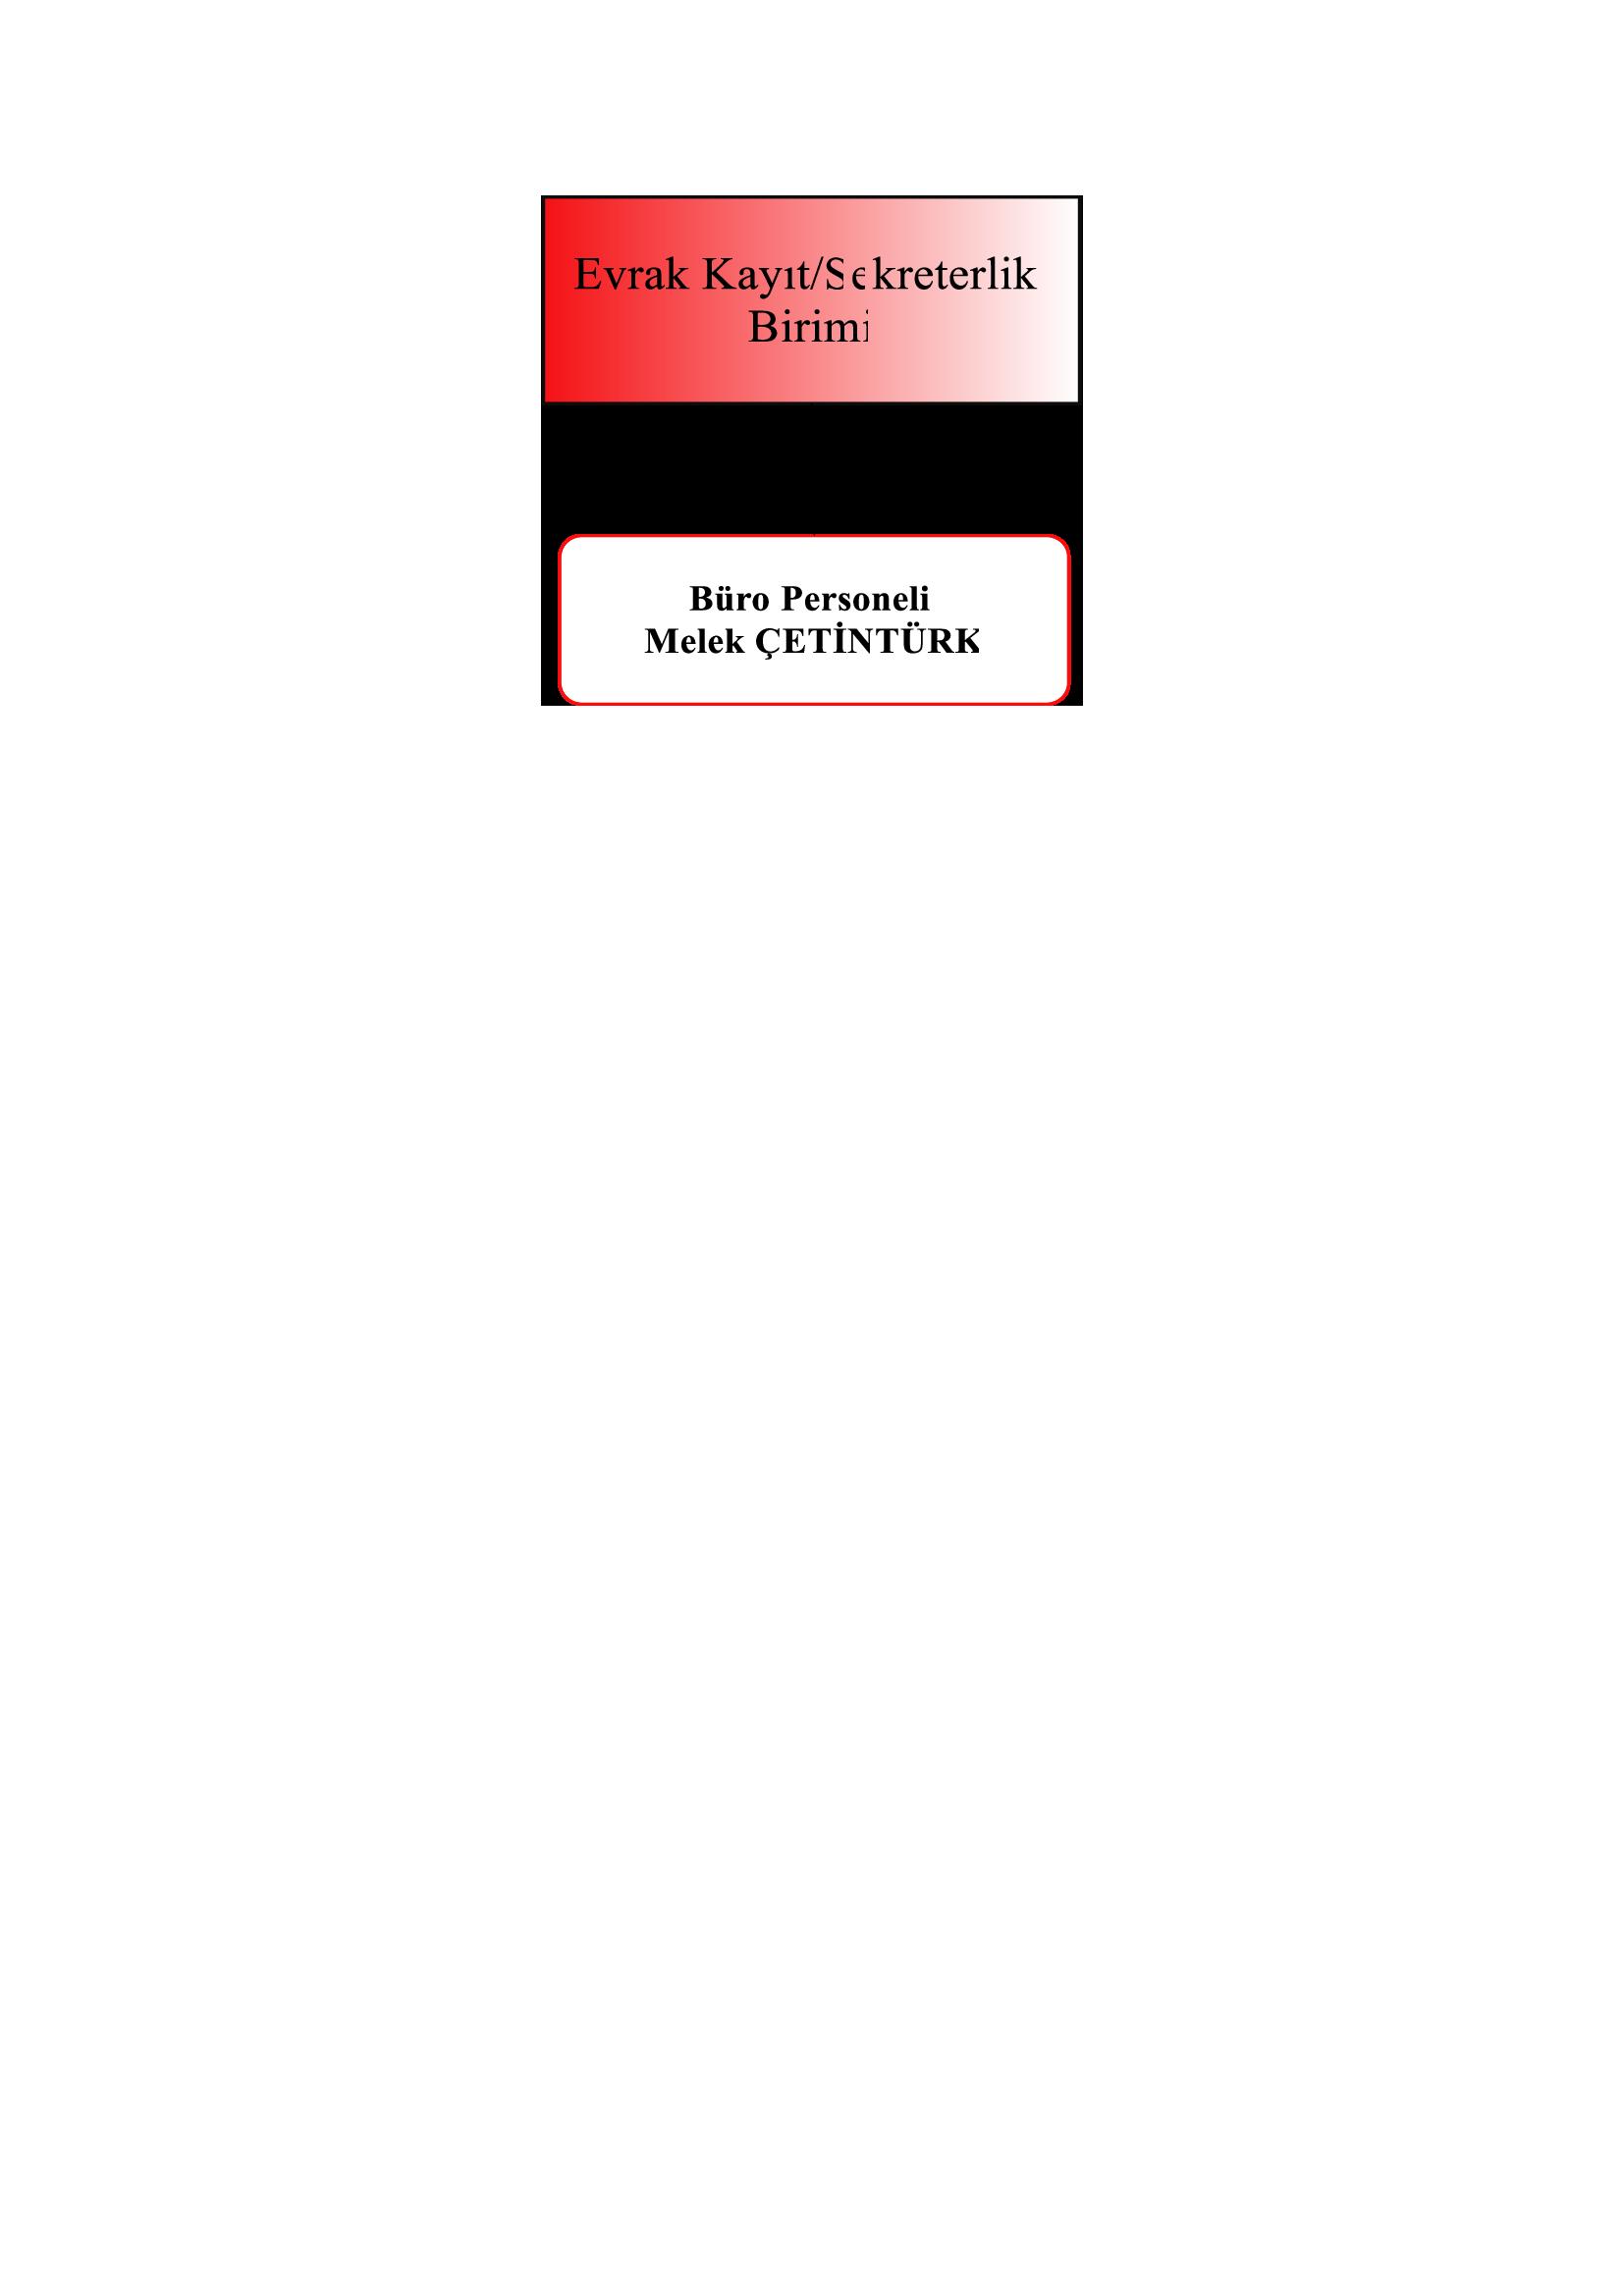 Evrak Kayıt/Sekreterlik Birimi Organizasyon Şeması